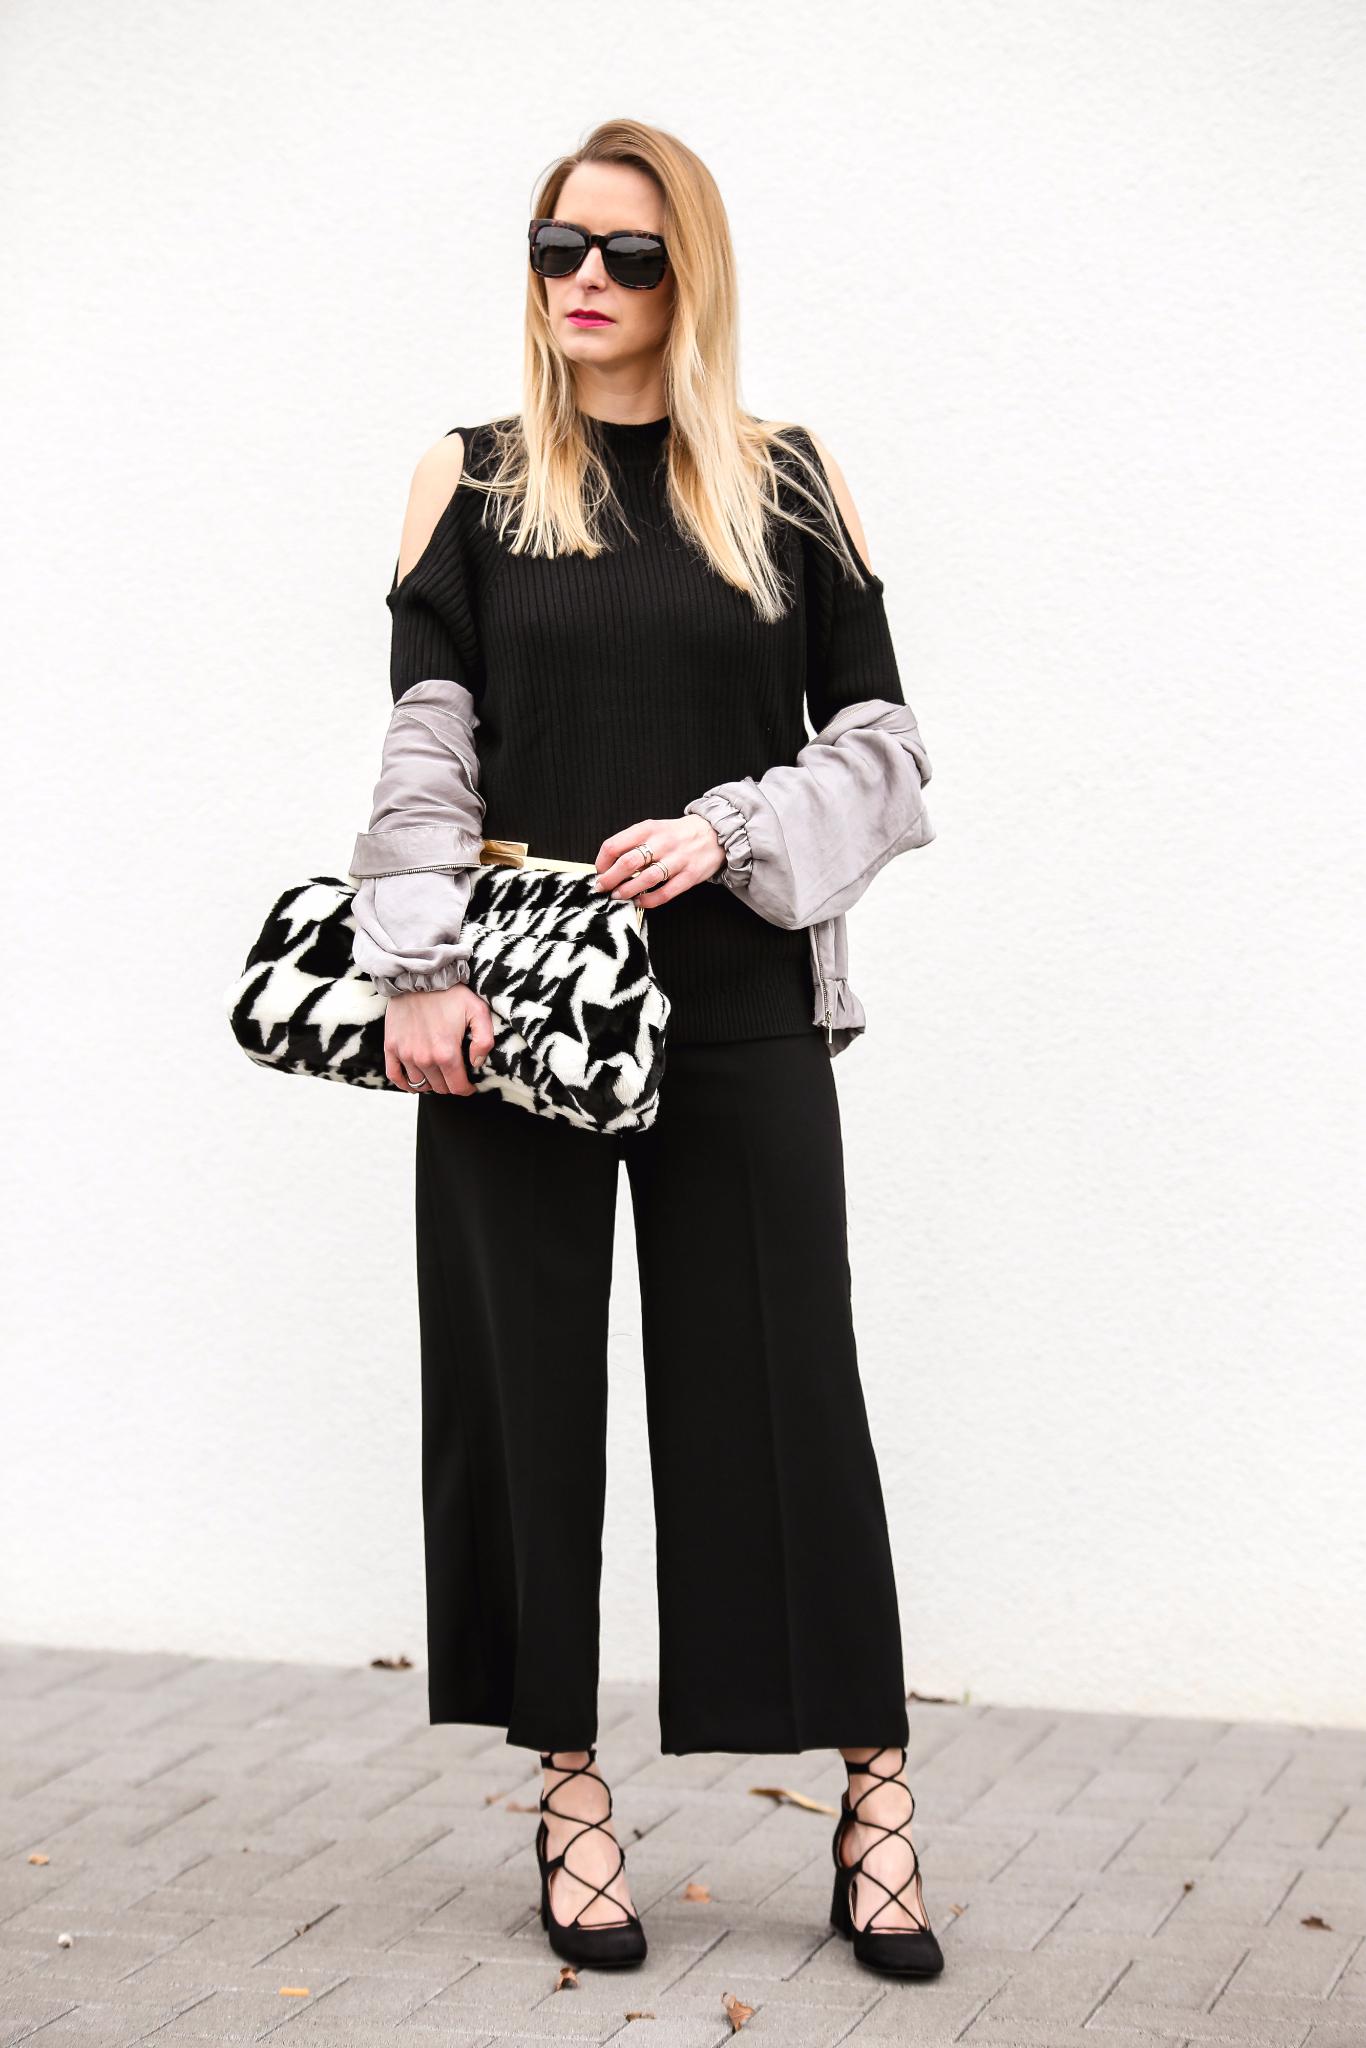 Fashion_Outfit_Satin_Bomber_Cold_Shoulder_MOD - by Monique-2_pix